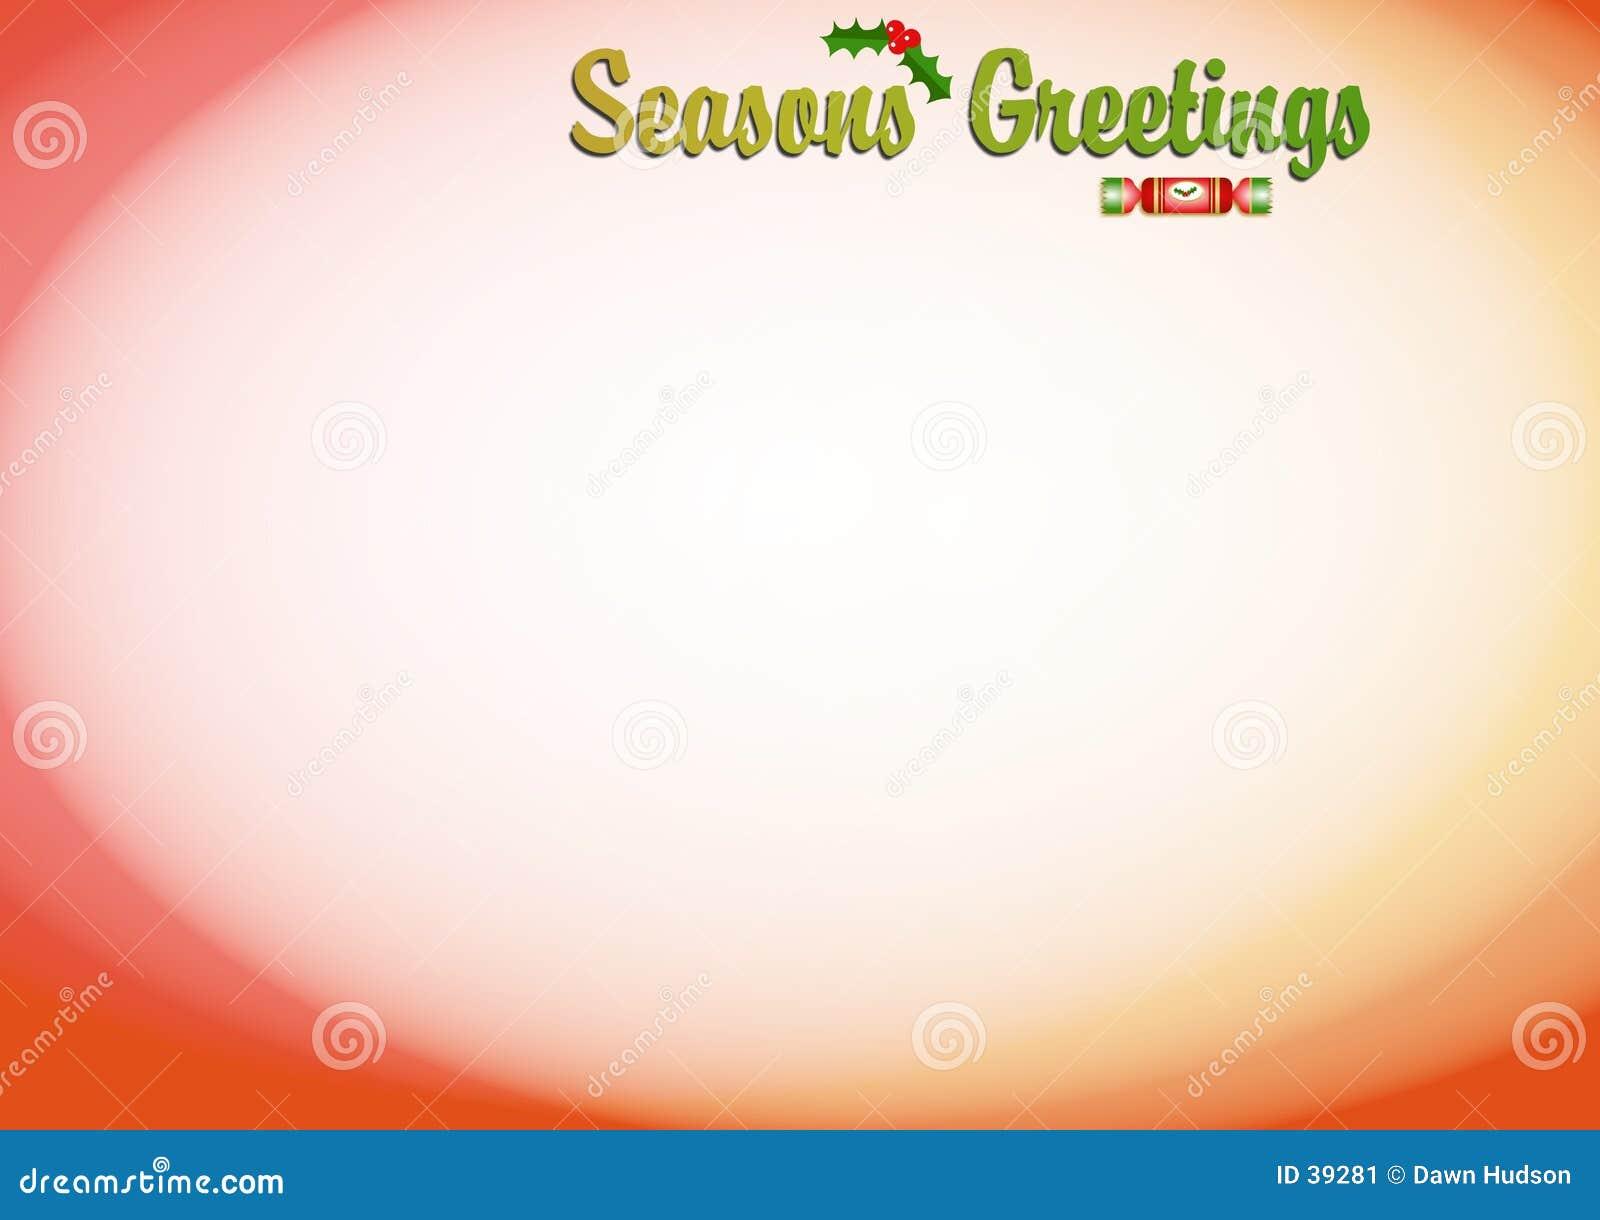 Seasons Greetings Background